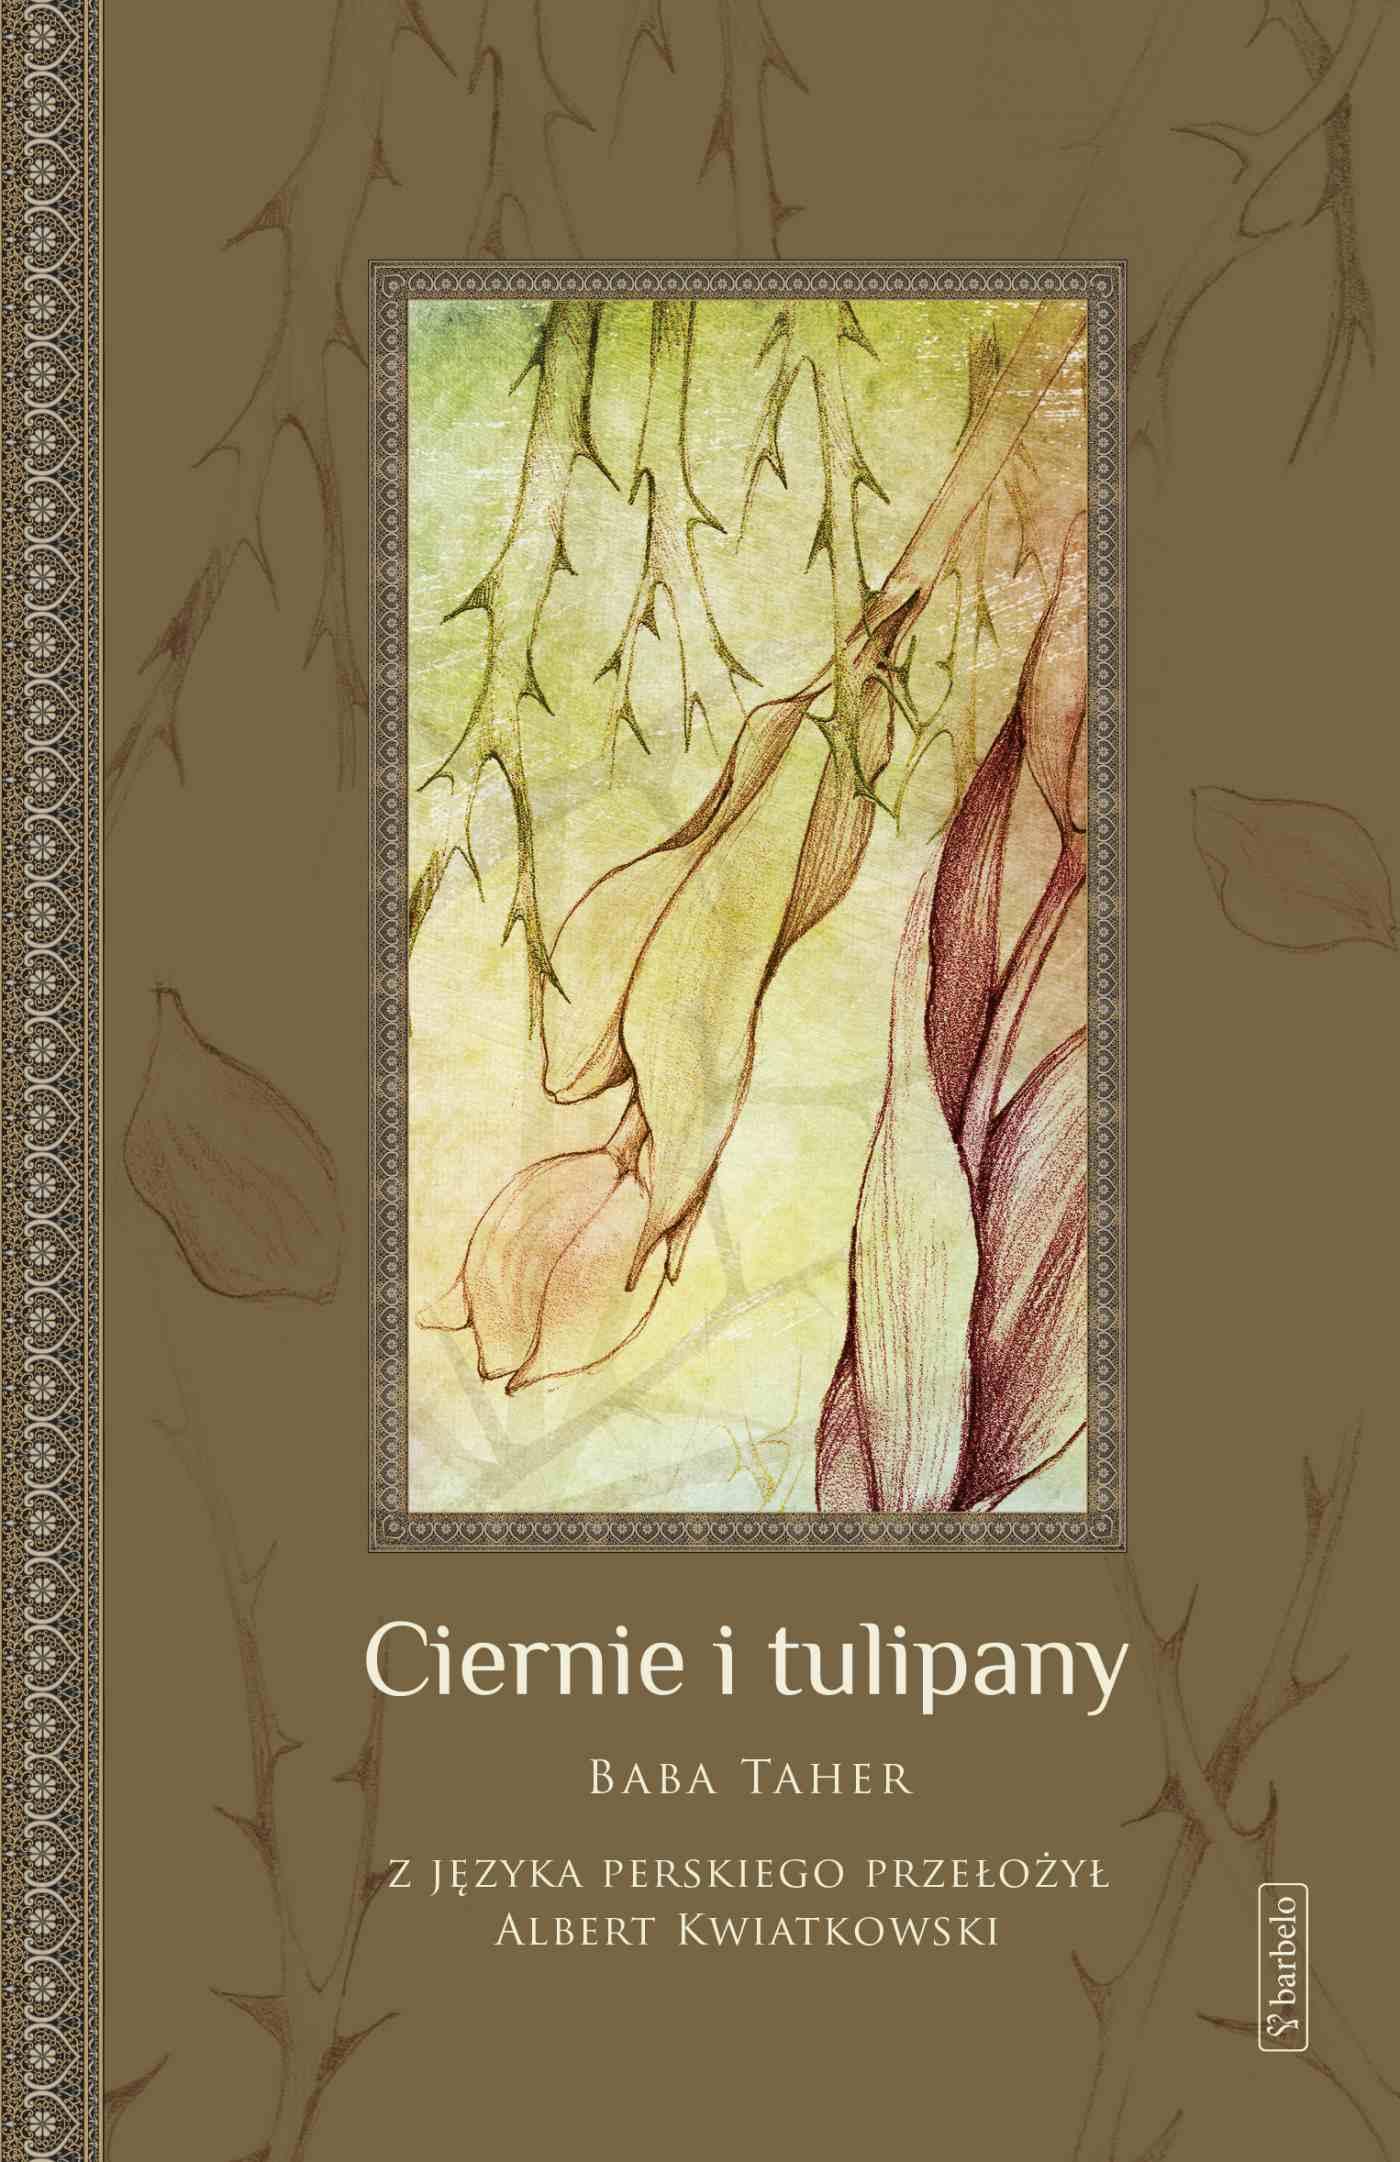 Ciernie i tulipany - Ebook (Książka EPUB) do pobrania w formacie EPUB